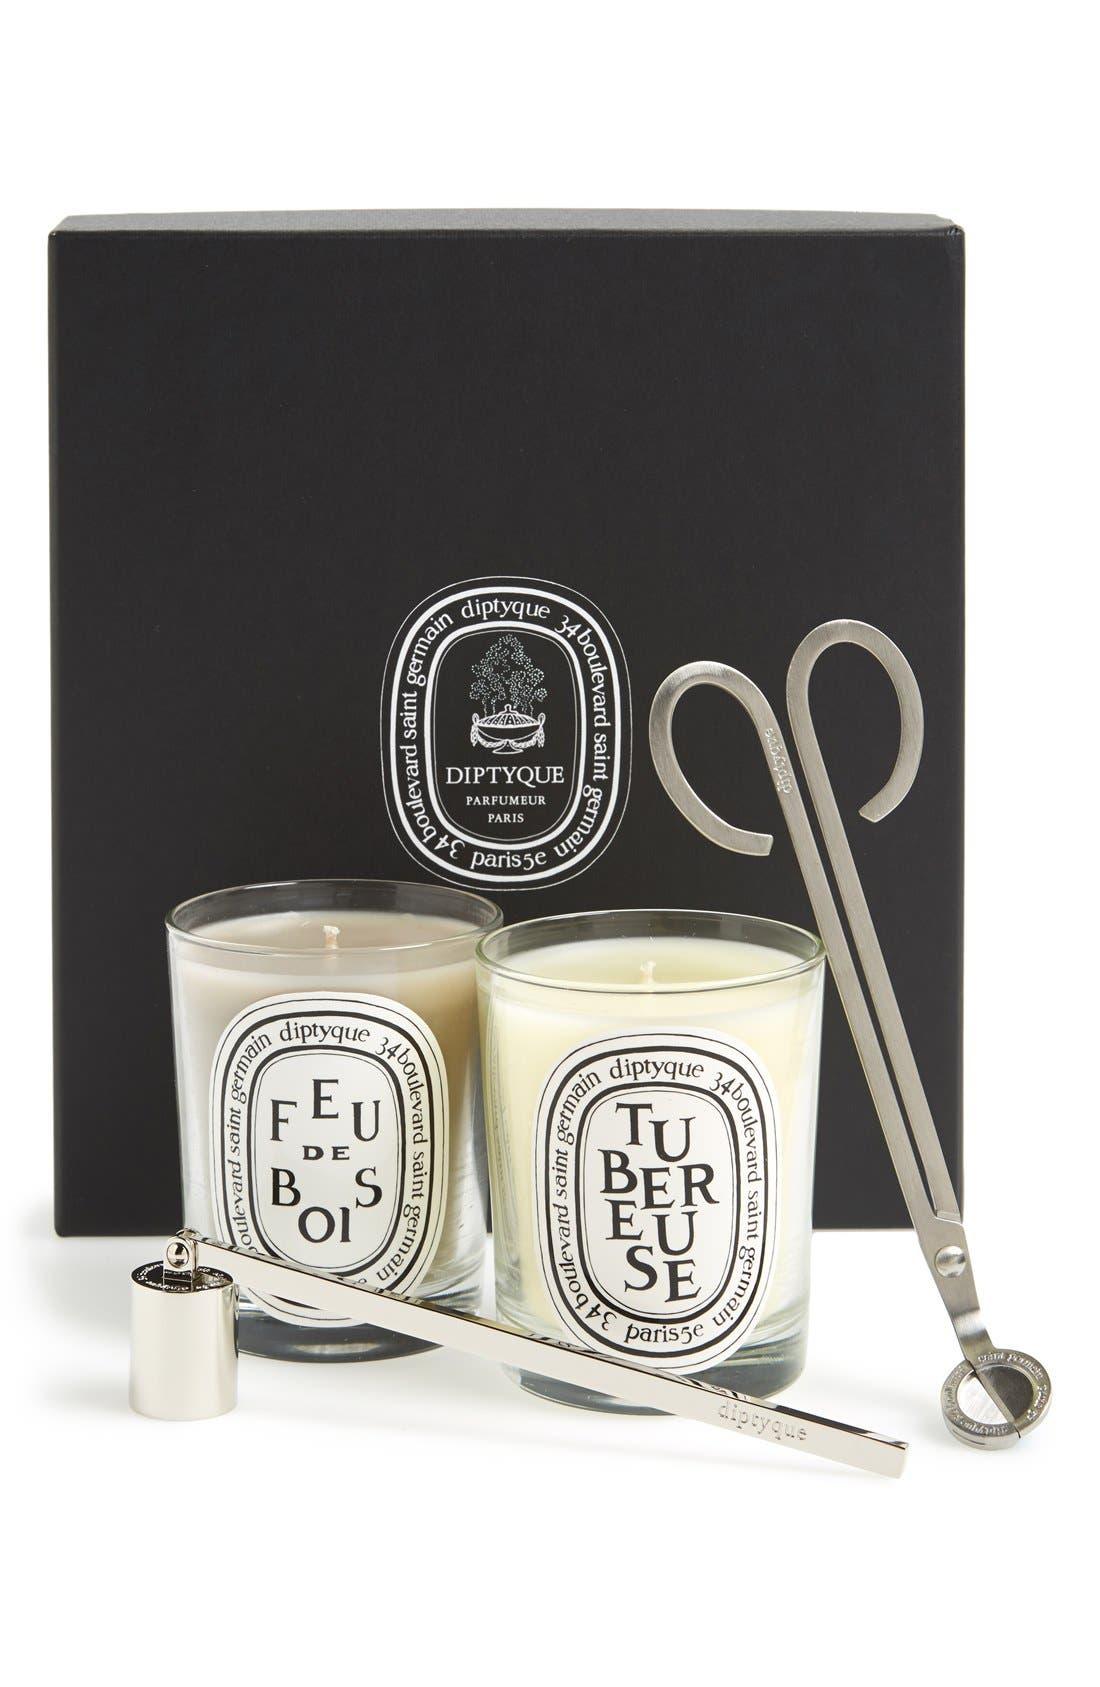 Main Image - diptyque 'Tubereuse & Feu de Bois' Candle Set ($196 Value)